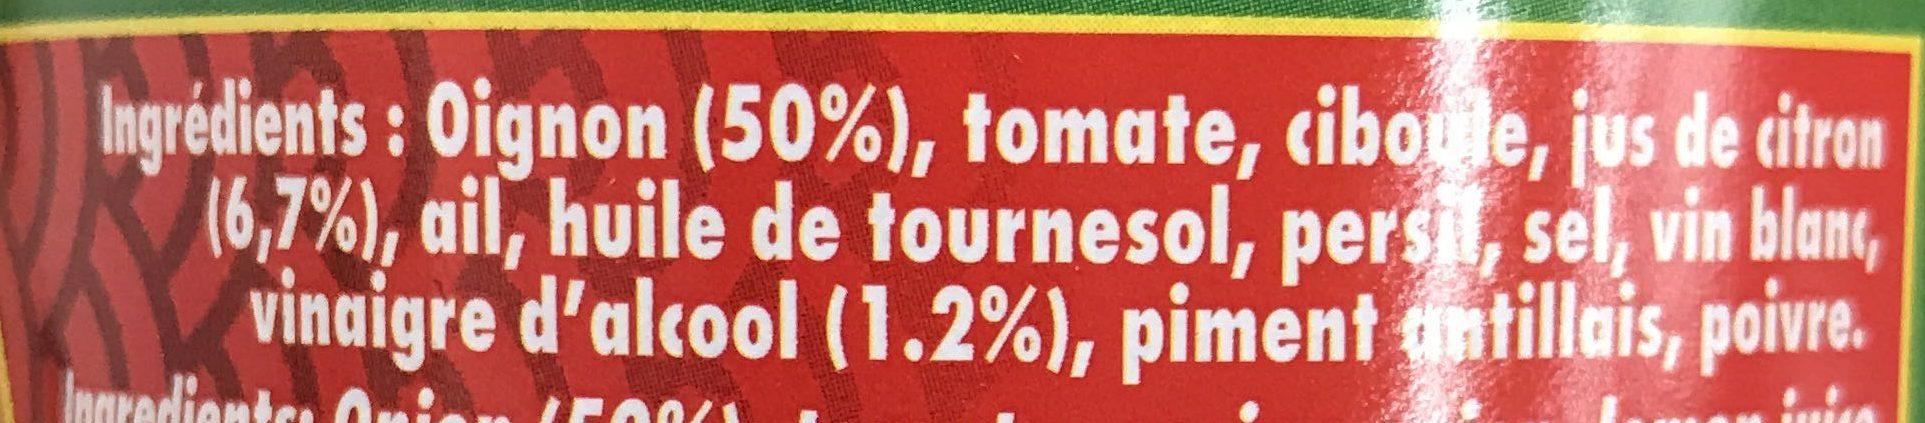 Sauce créole - Ingrédients